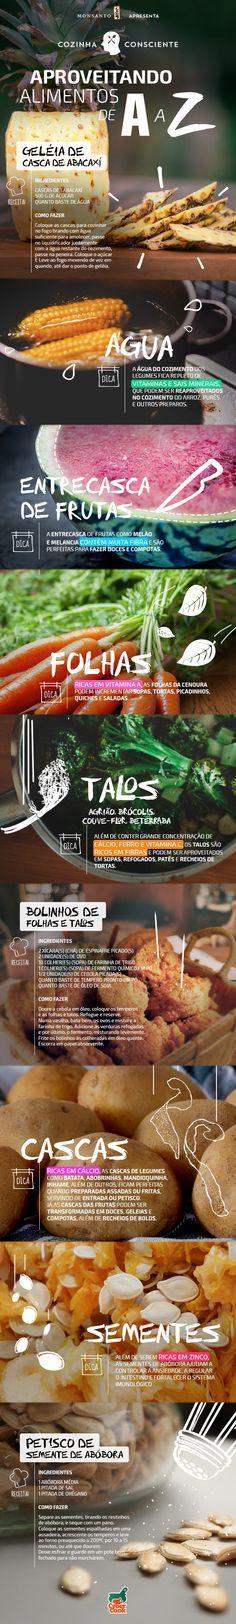 Nesse guia ilustrado da #Monsanto podemos perceber quantas coisas é possível fazer com partes de alimentos que costumamos jogar fora! Por uma cozinha muito mais consciente! ;)